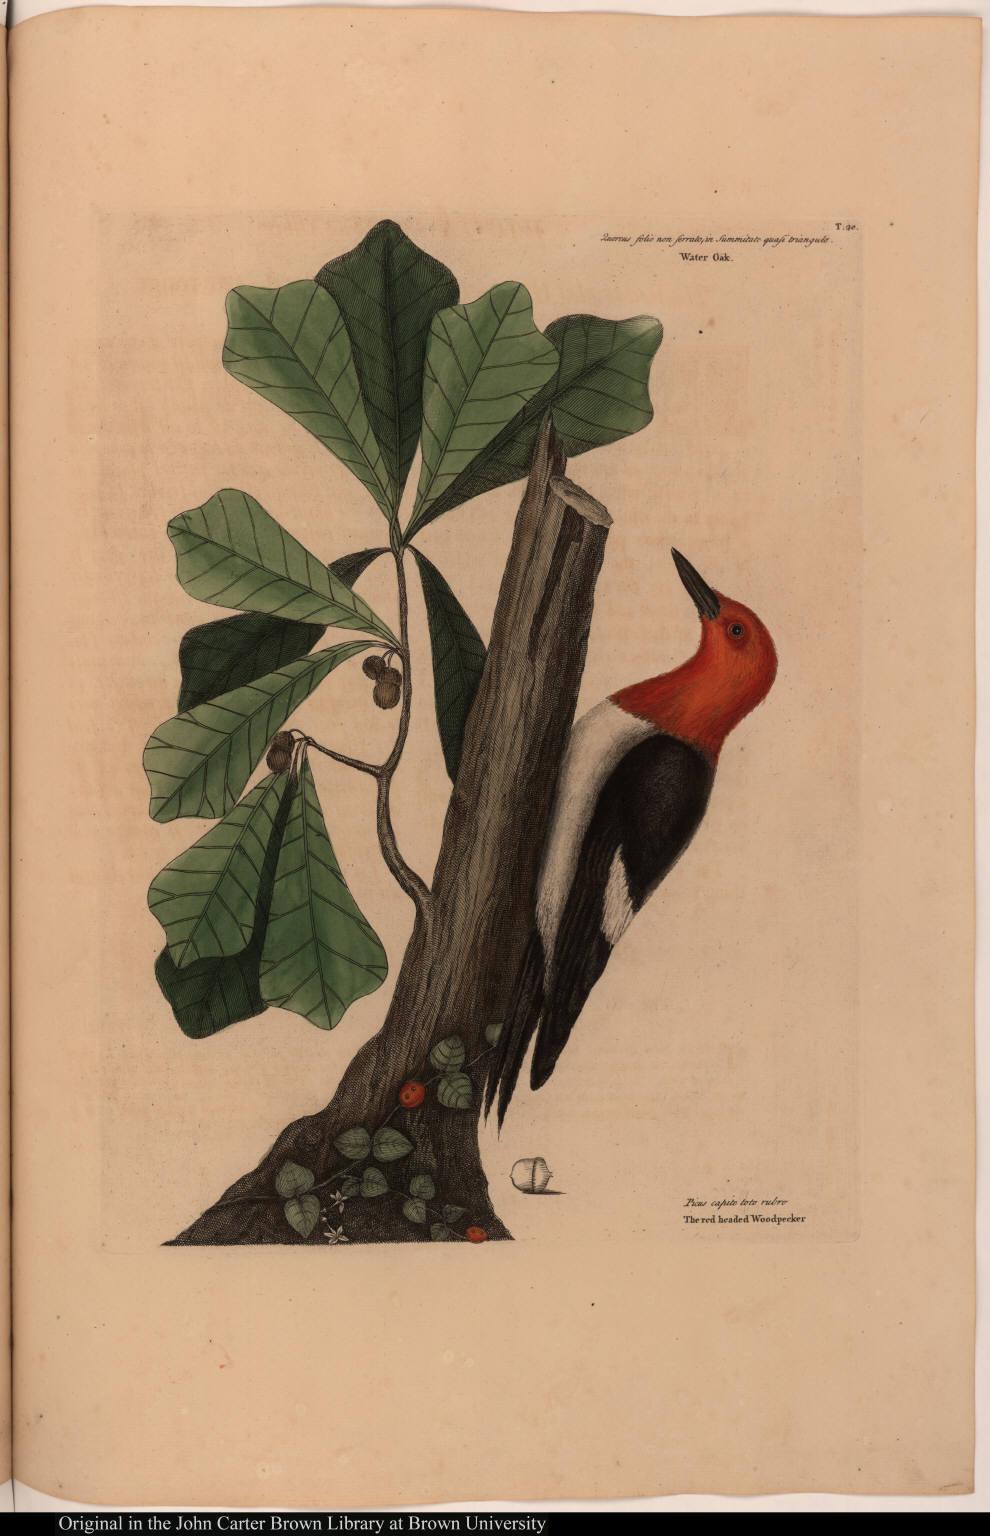 Quercus folio non serrato ... Water Oak. Picus capite toto rubro The red headed Woodpecker